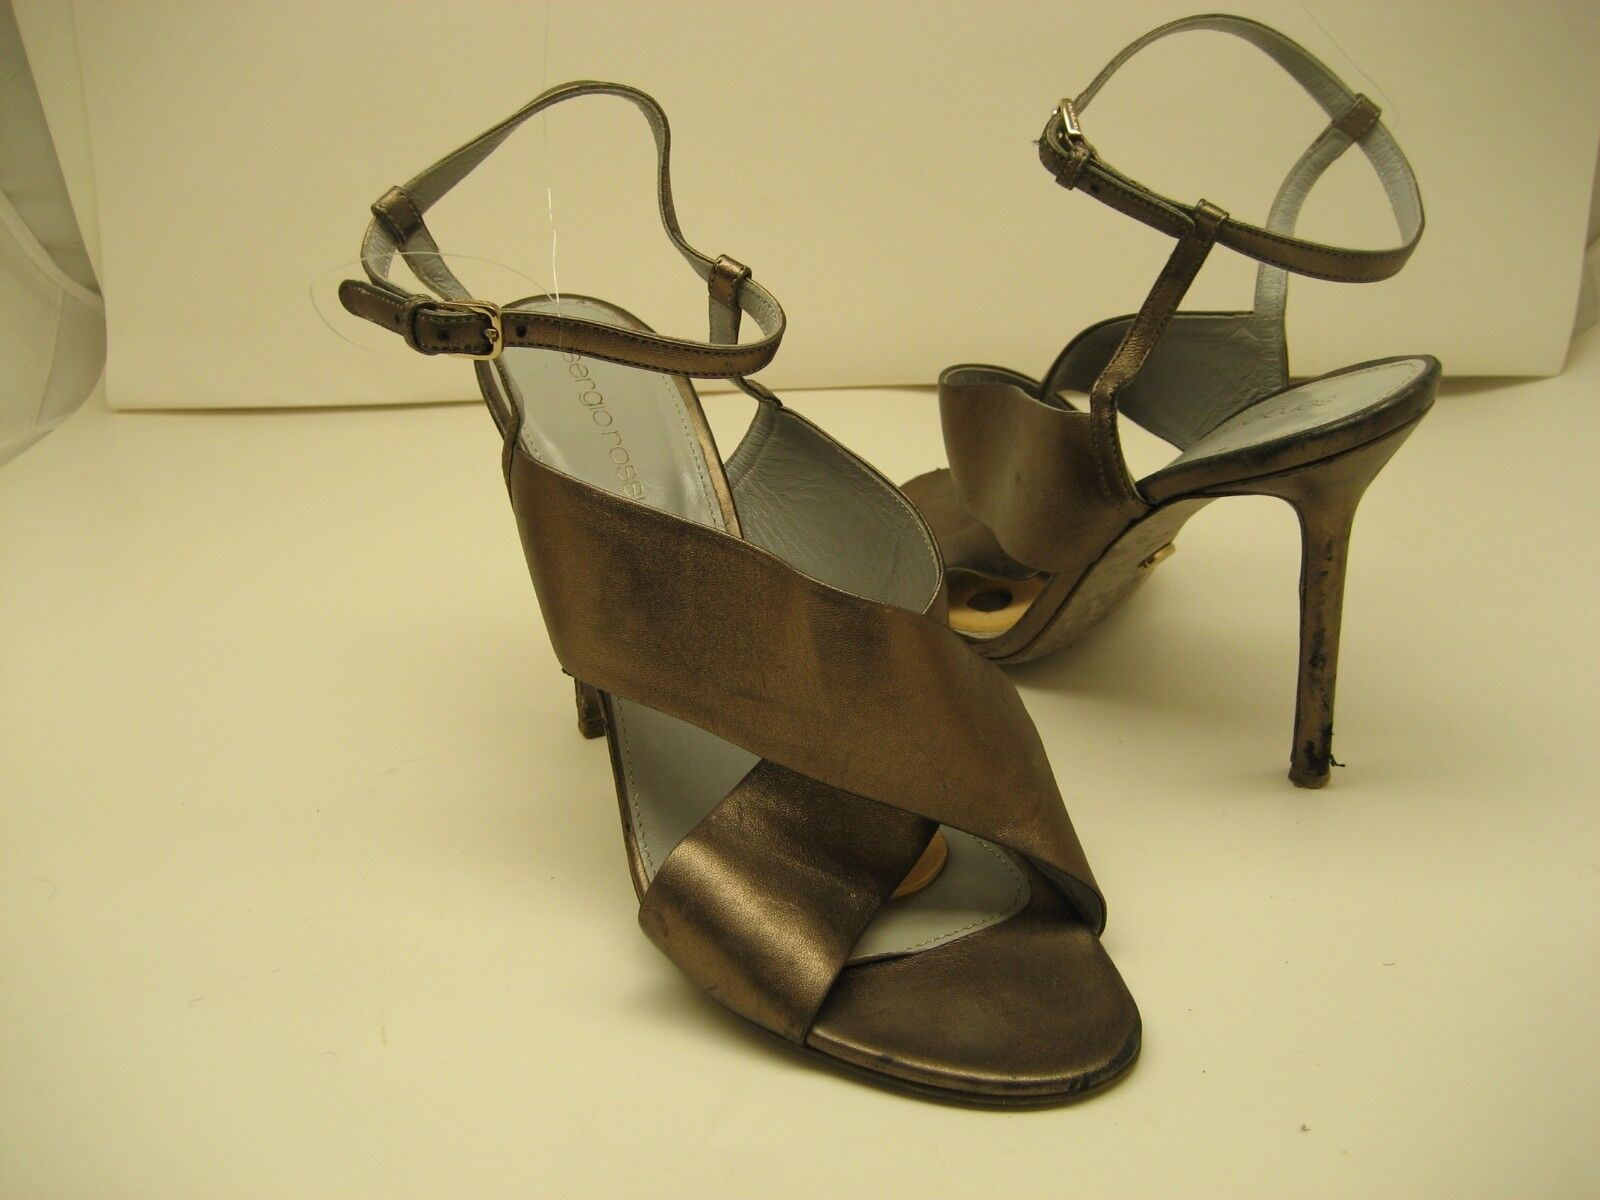 Mujer Zapatos De Tacón Gladiador Serigo Rossi Hecho En En En Italia Talla 40 ed1da2